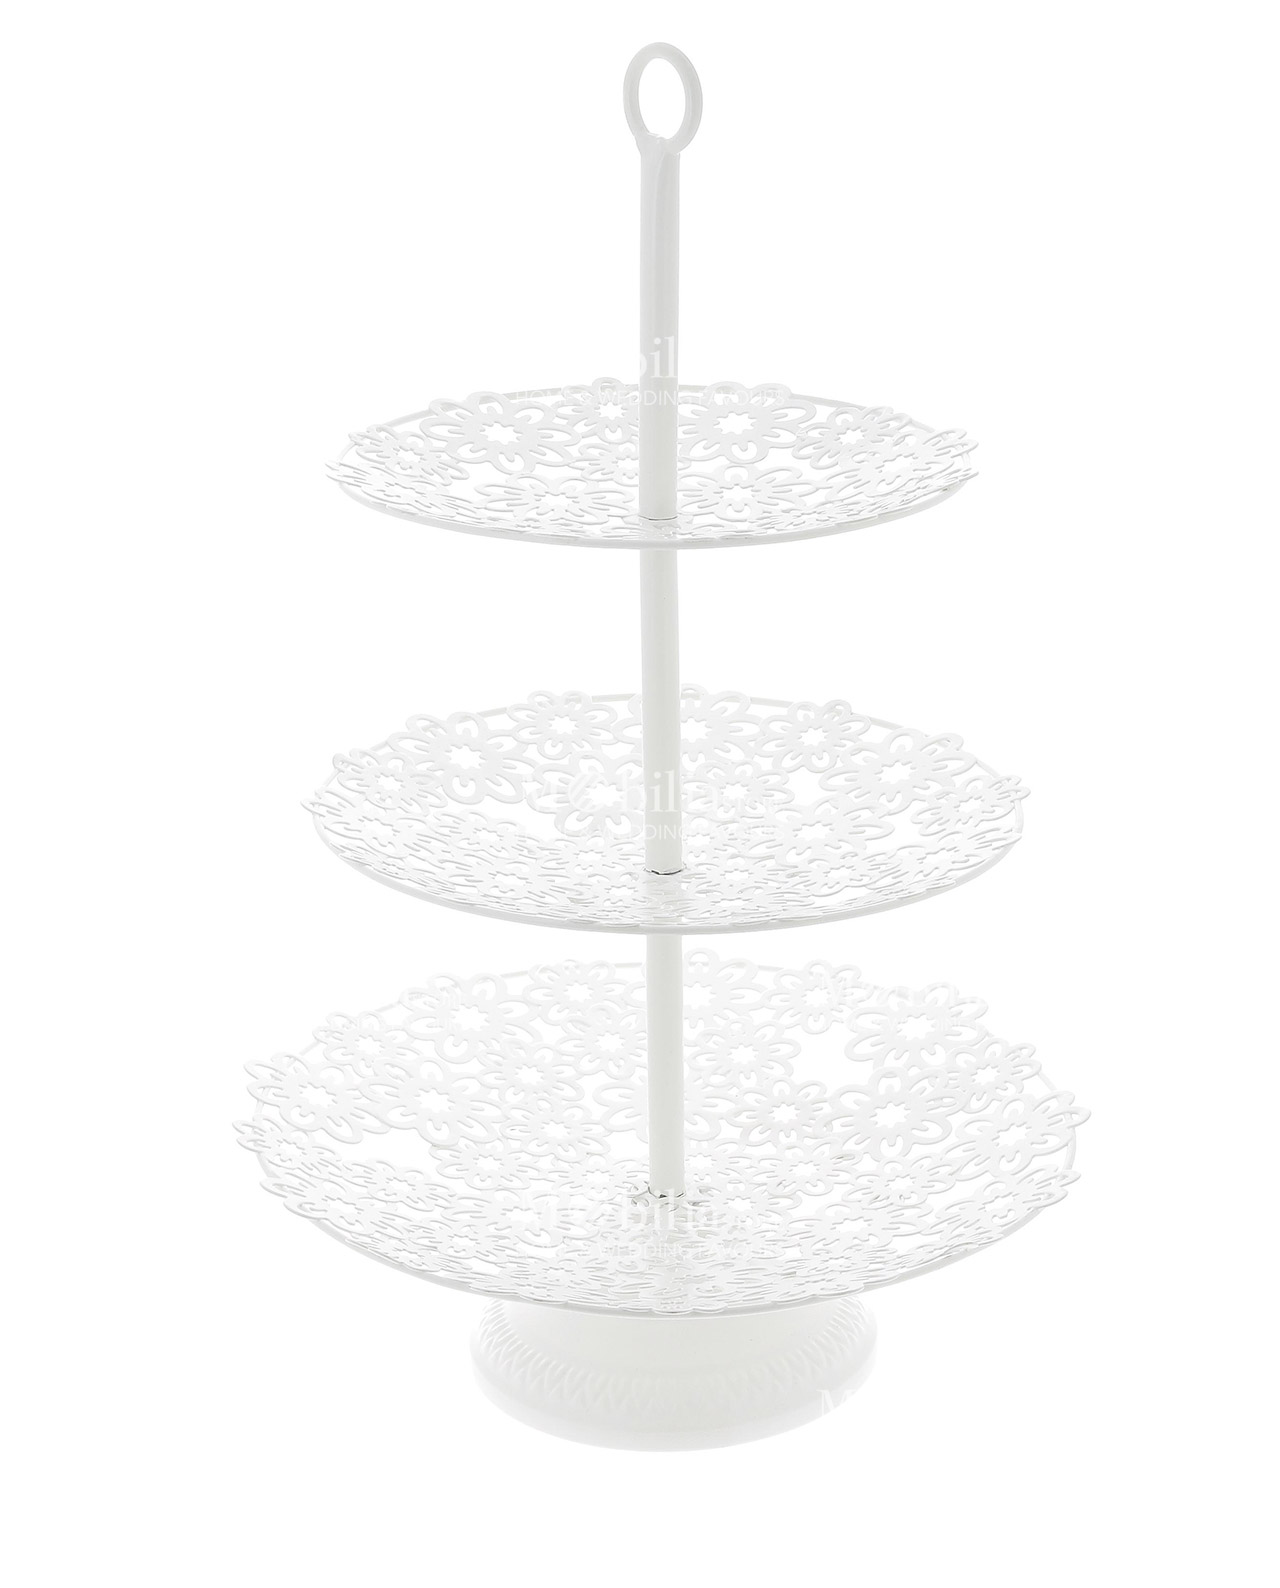 Alzata 3 piani fiori metallo bianco mobilia store home for Mobilia recensioni